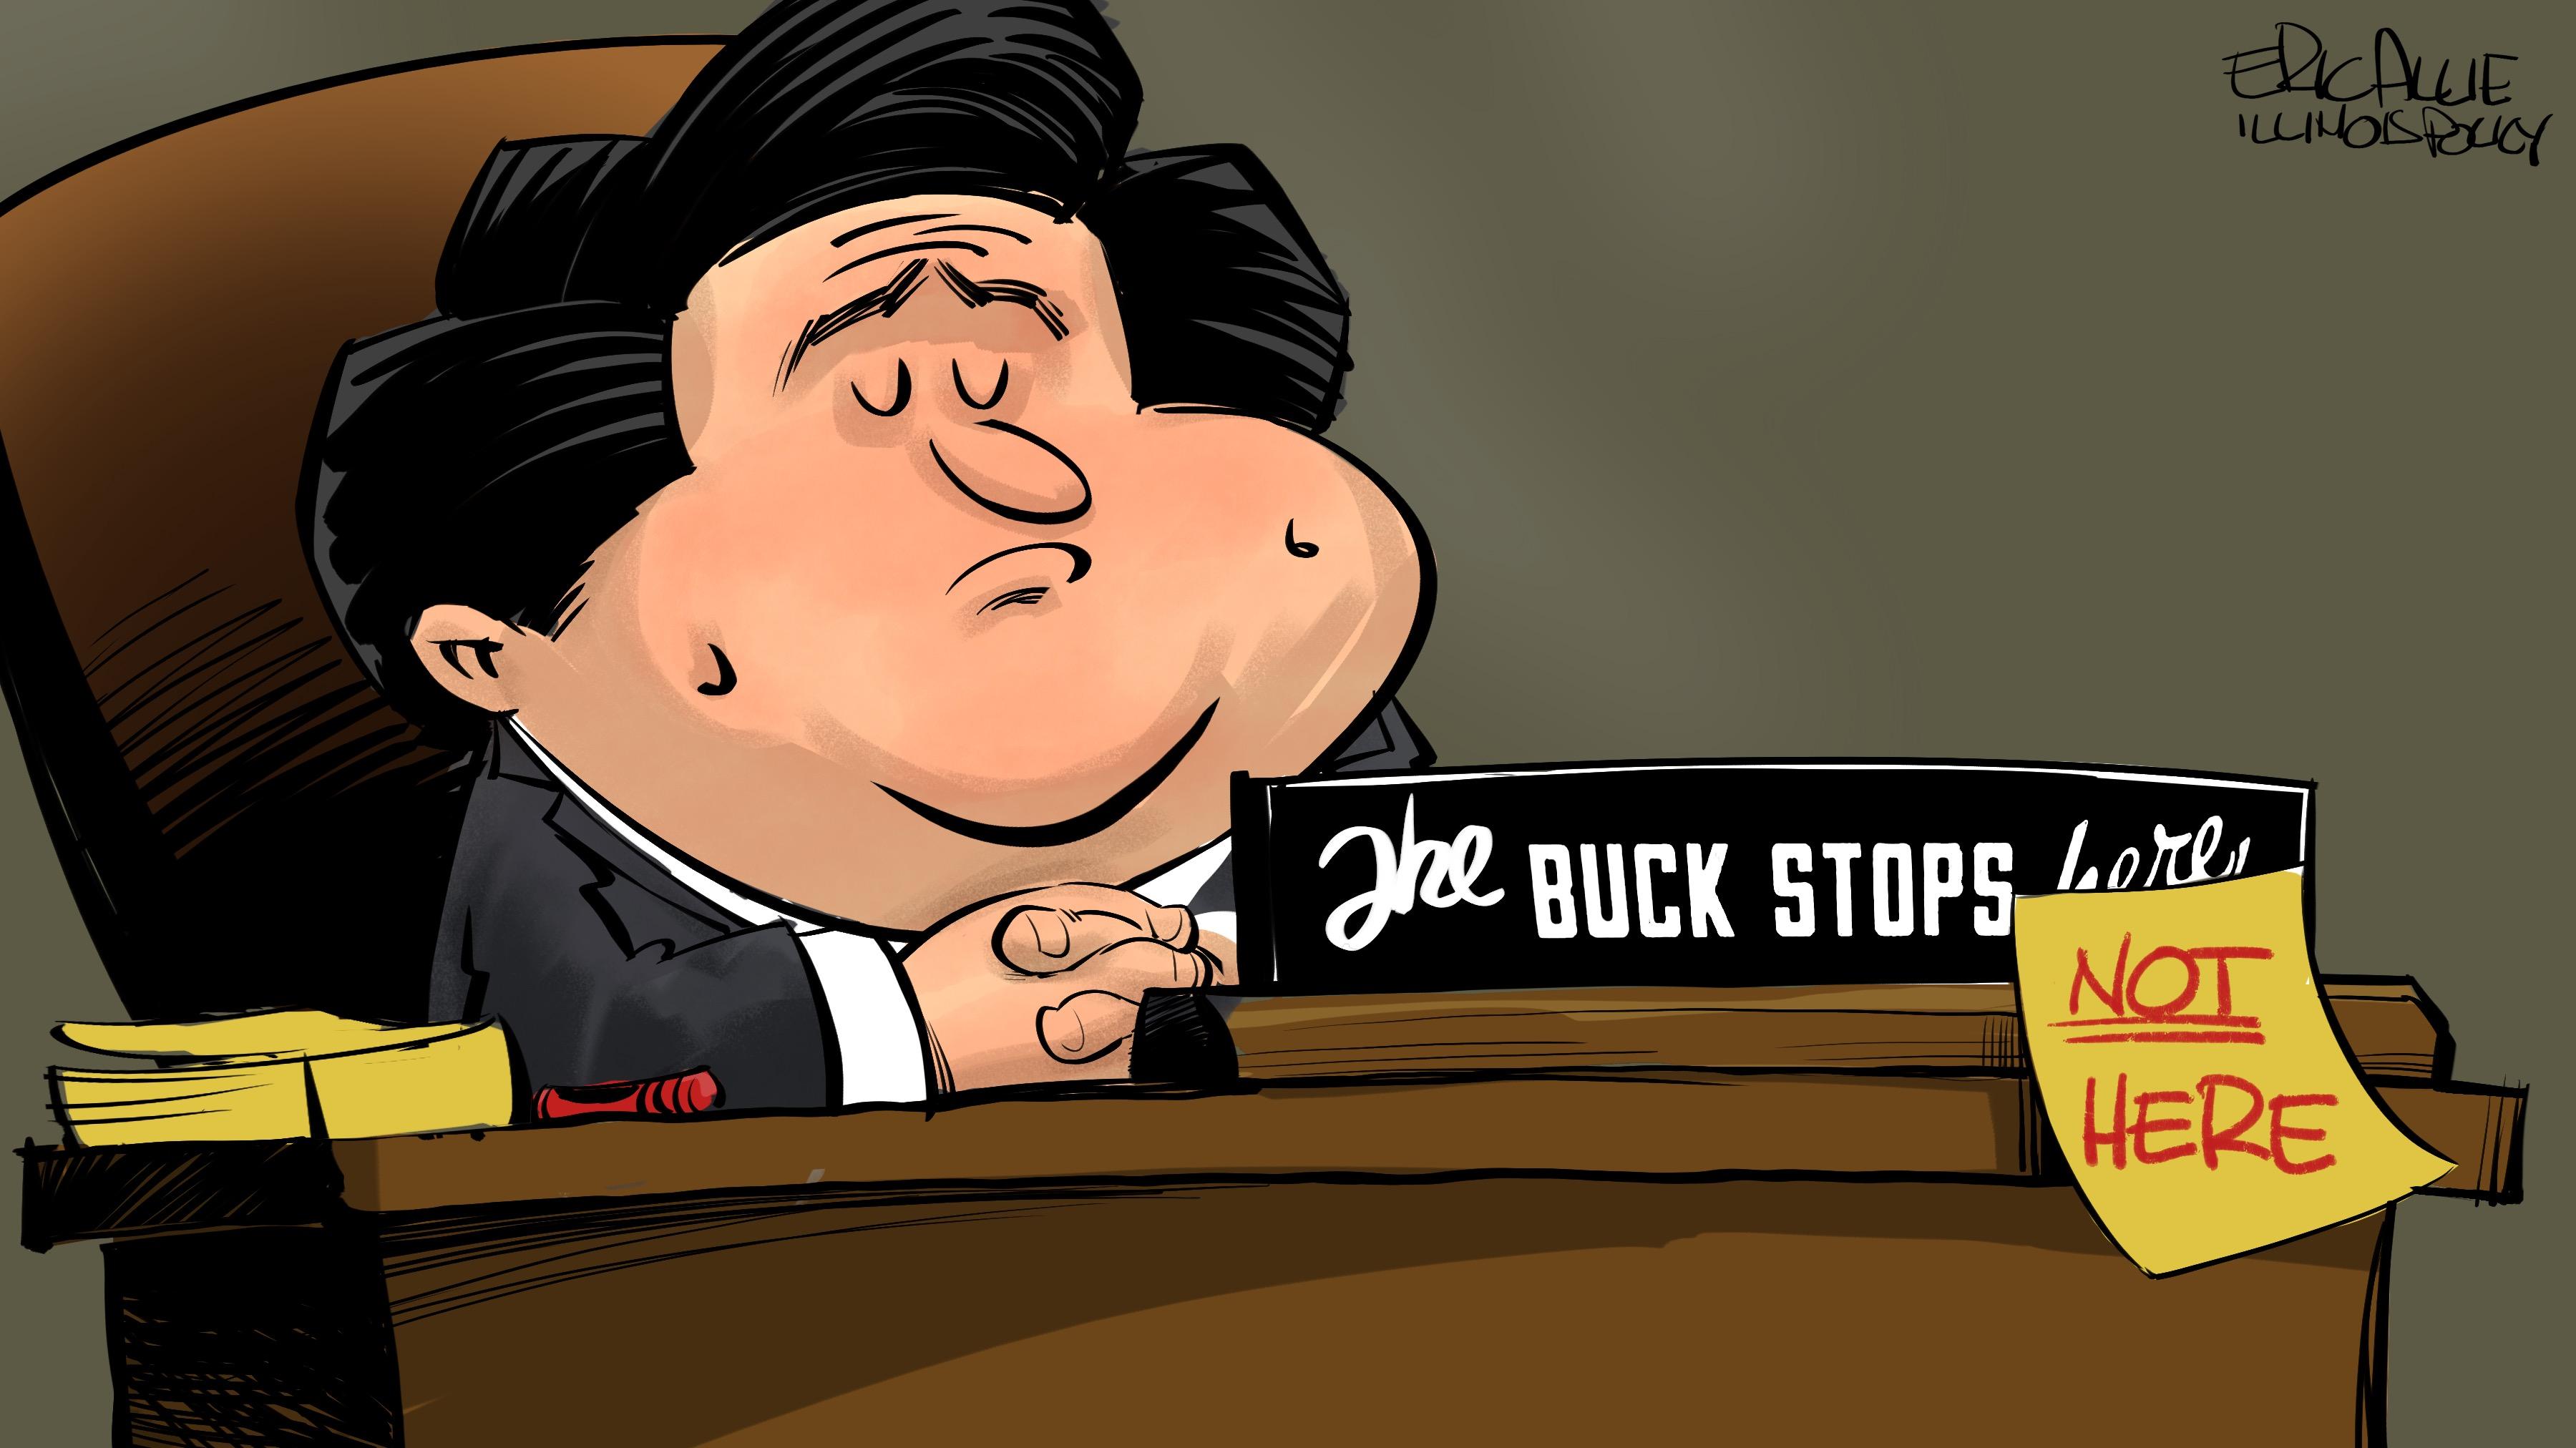 Pritzker's buck stops (not) here.